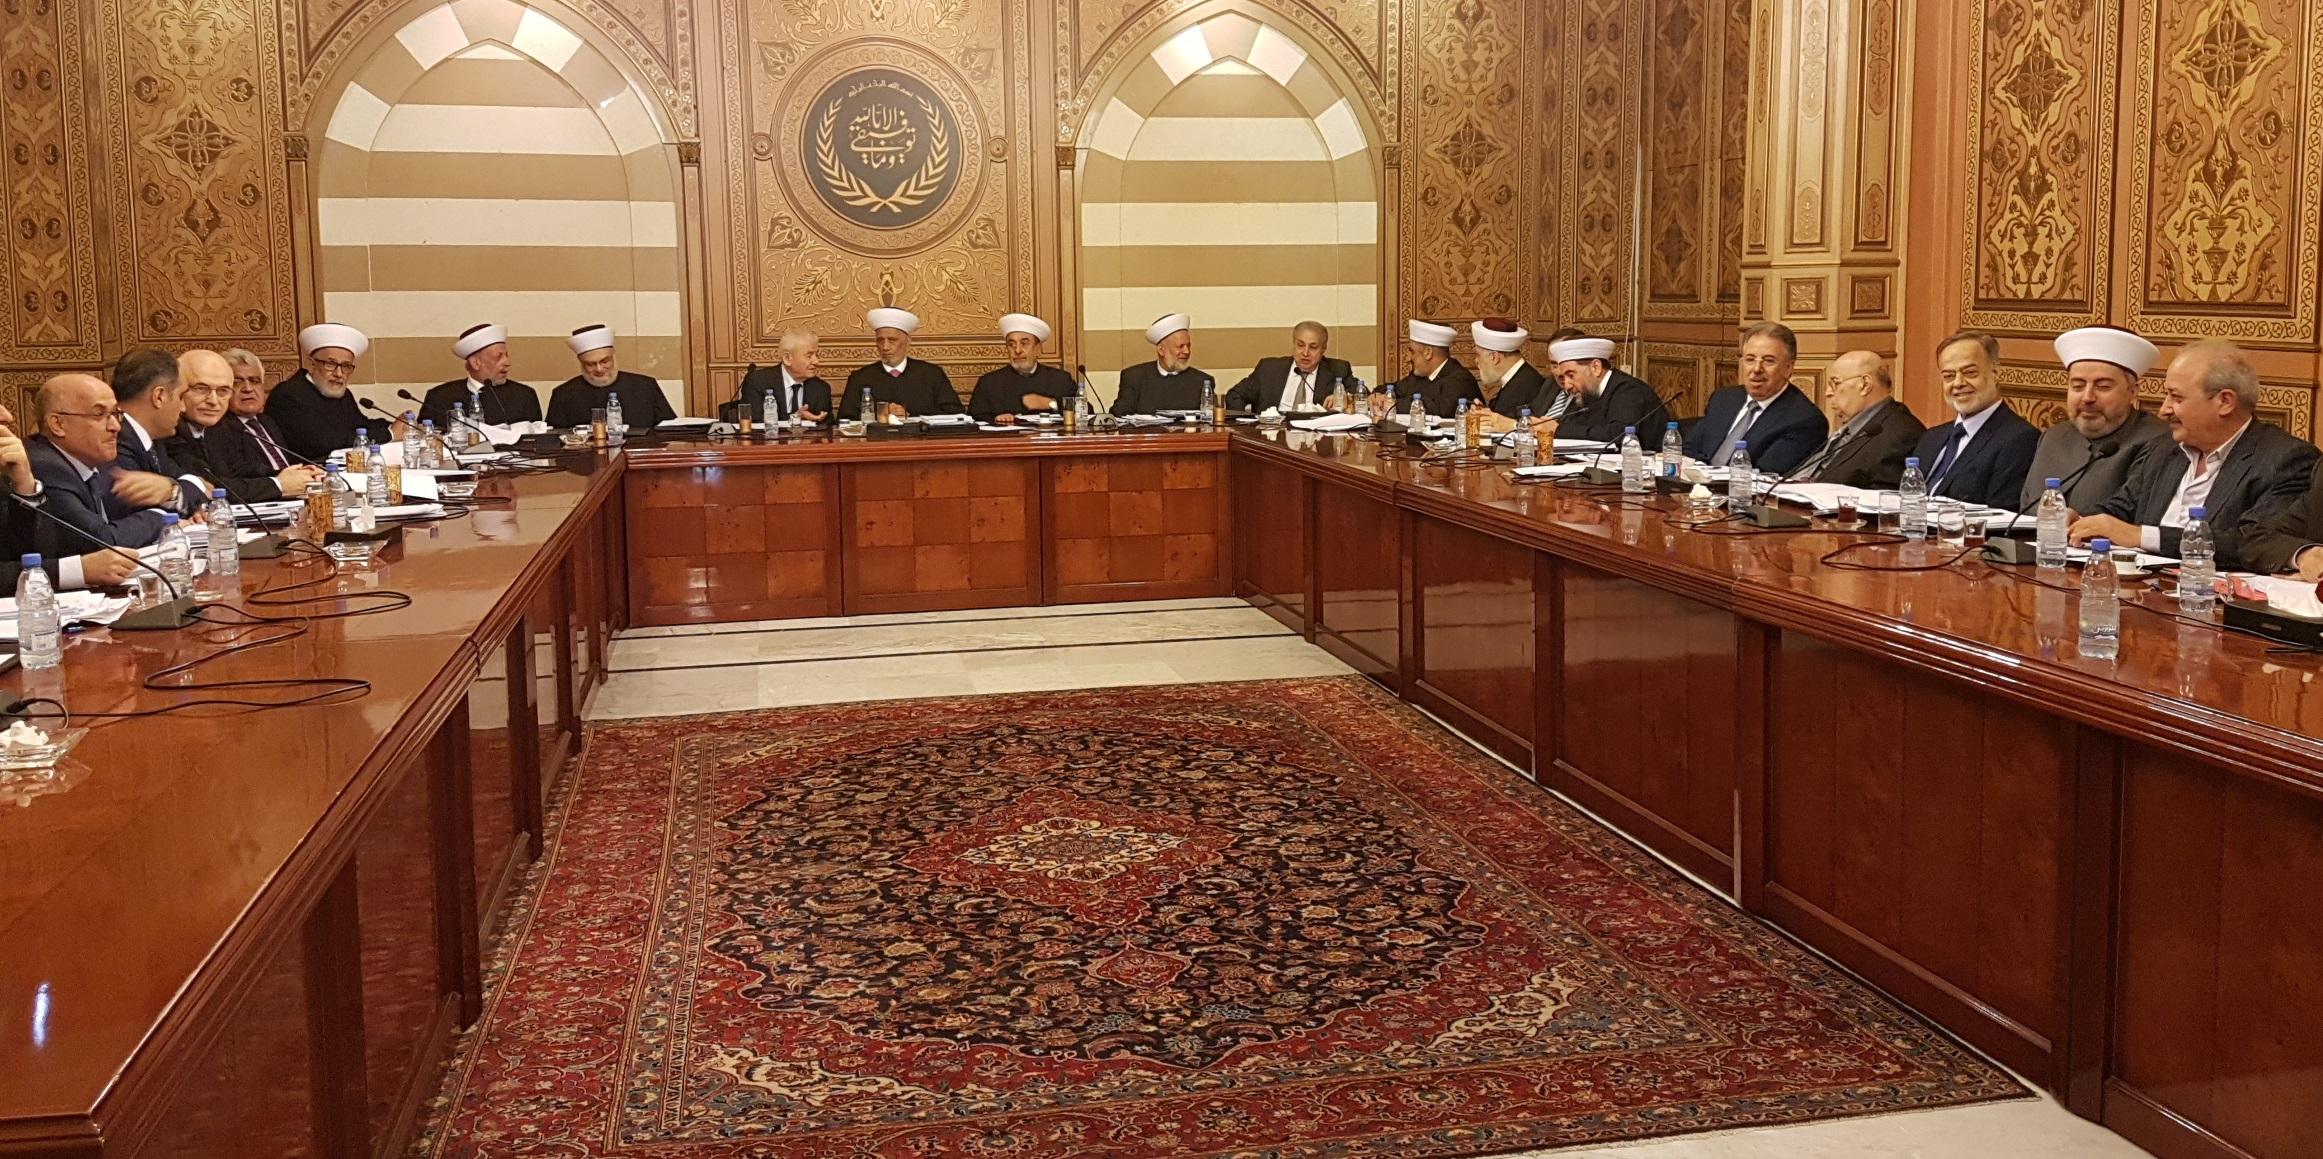 المفتي دريان يترأس اجتماعا للمجلس الشرعي 12-5-2018